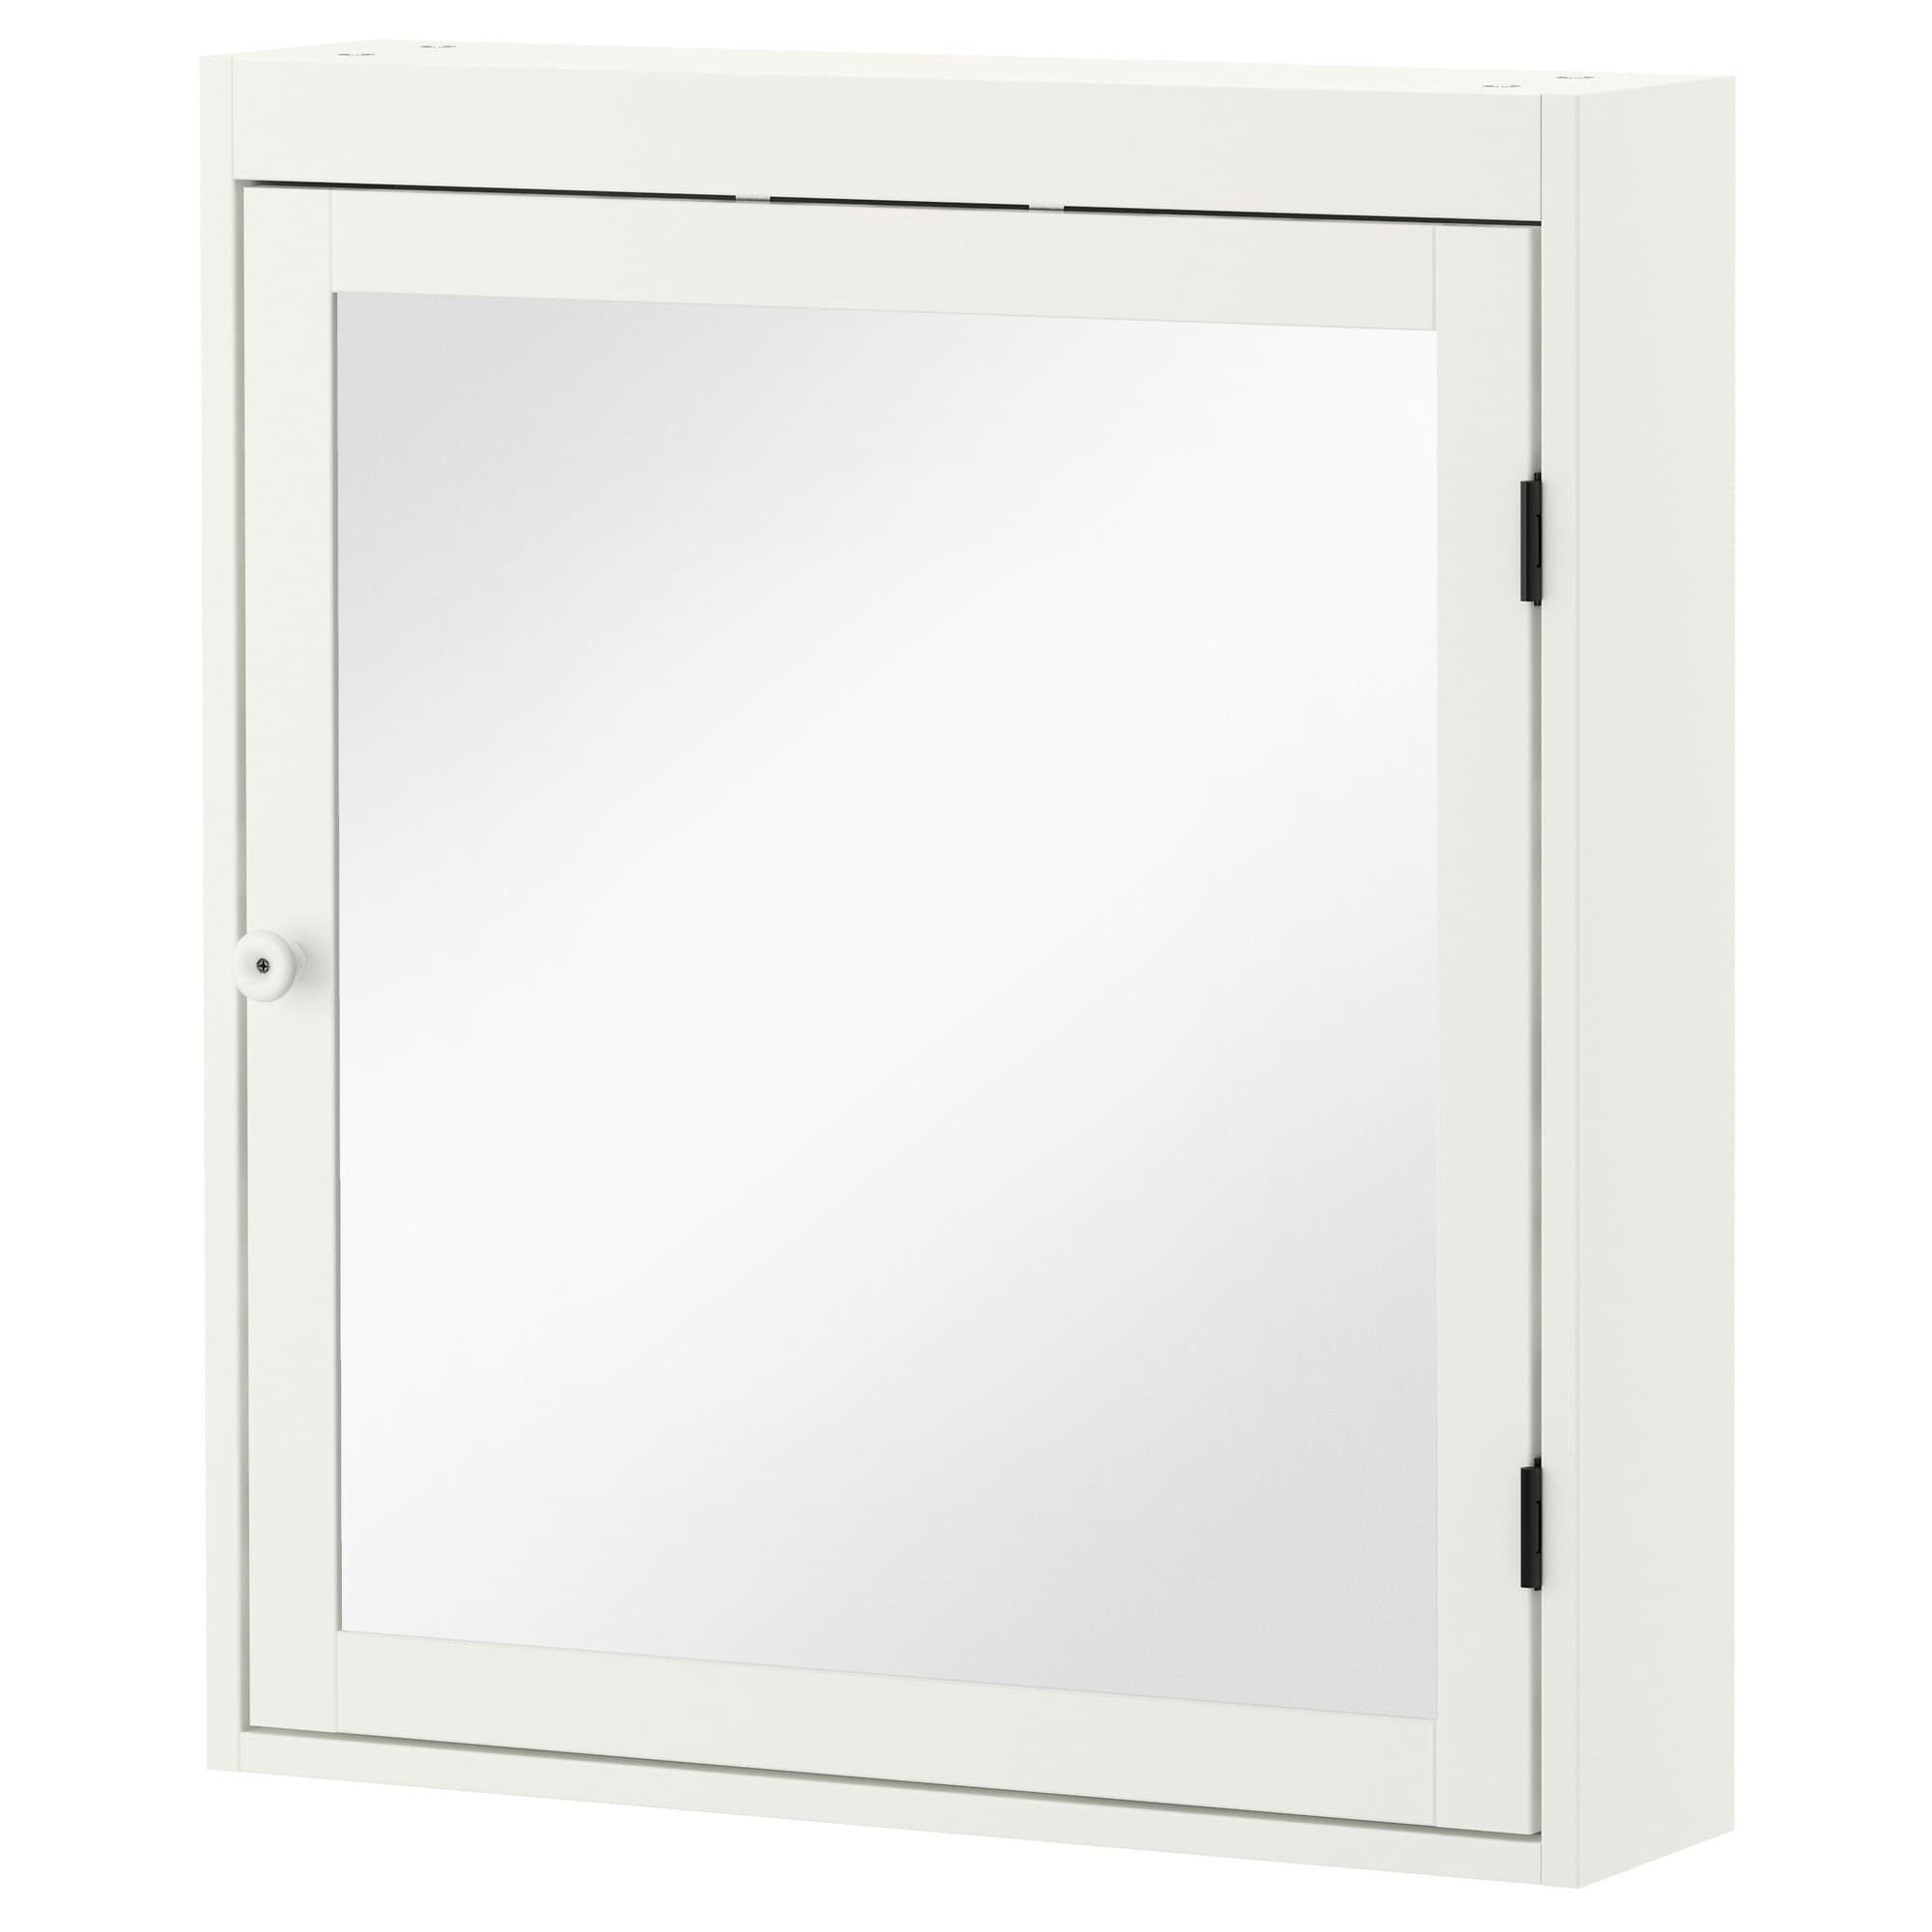 Silveran Spiegelschrank Weiss Ikea Osterreich Spiegelschrank